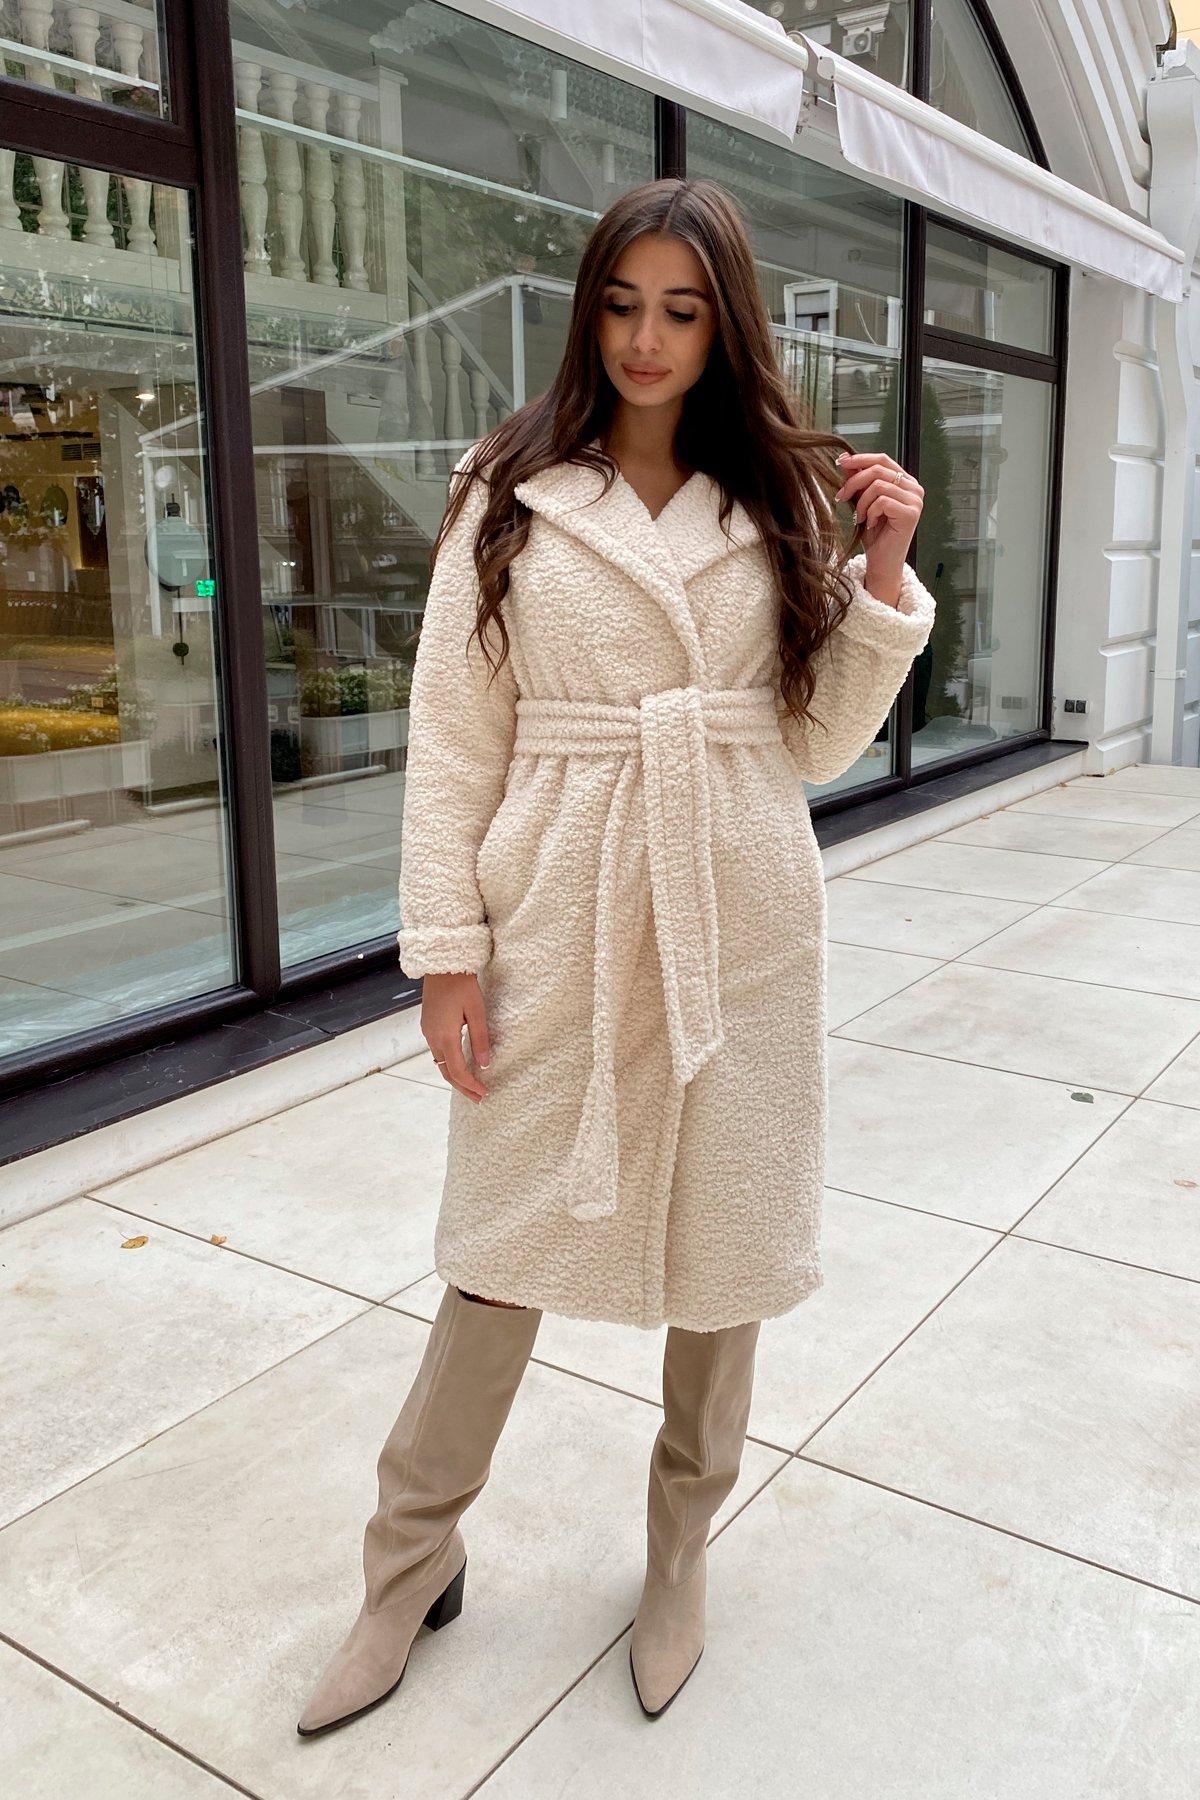 Пальто из эко меха Приора 8564 АРТ. 44887 Цвет: Молоко - фото 14, интернет магазин tm-modus.ru